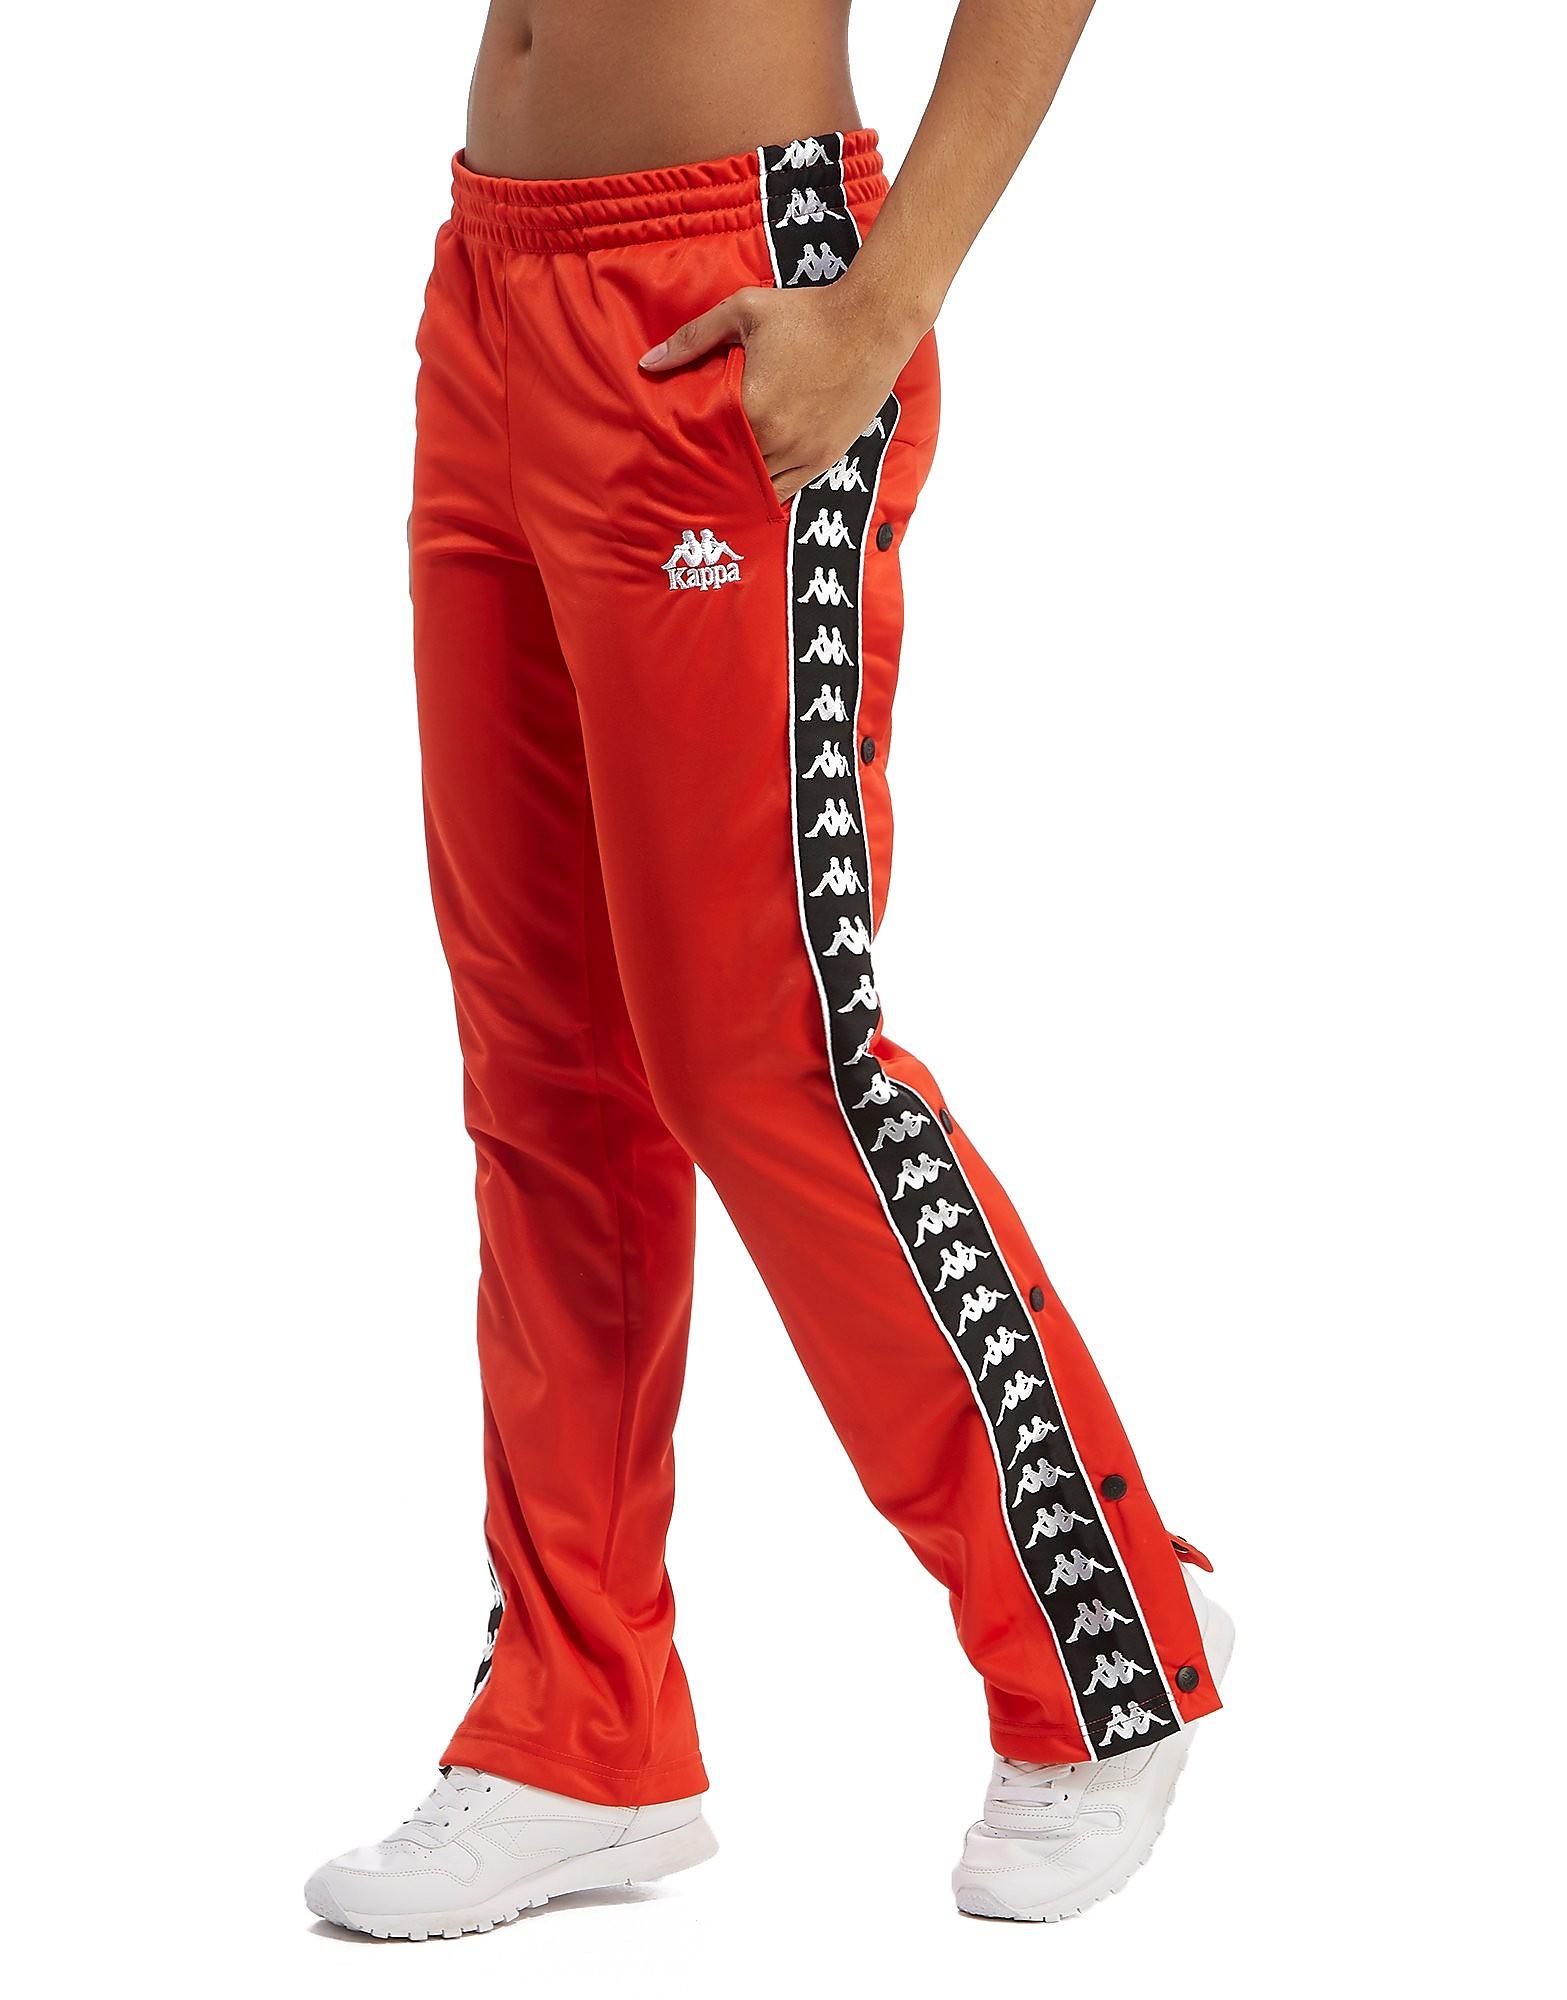 Kappa pantalón de chándal Popper